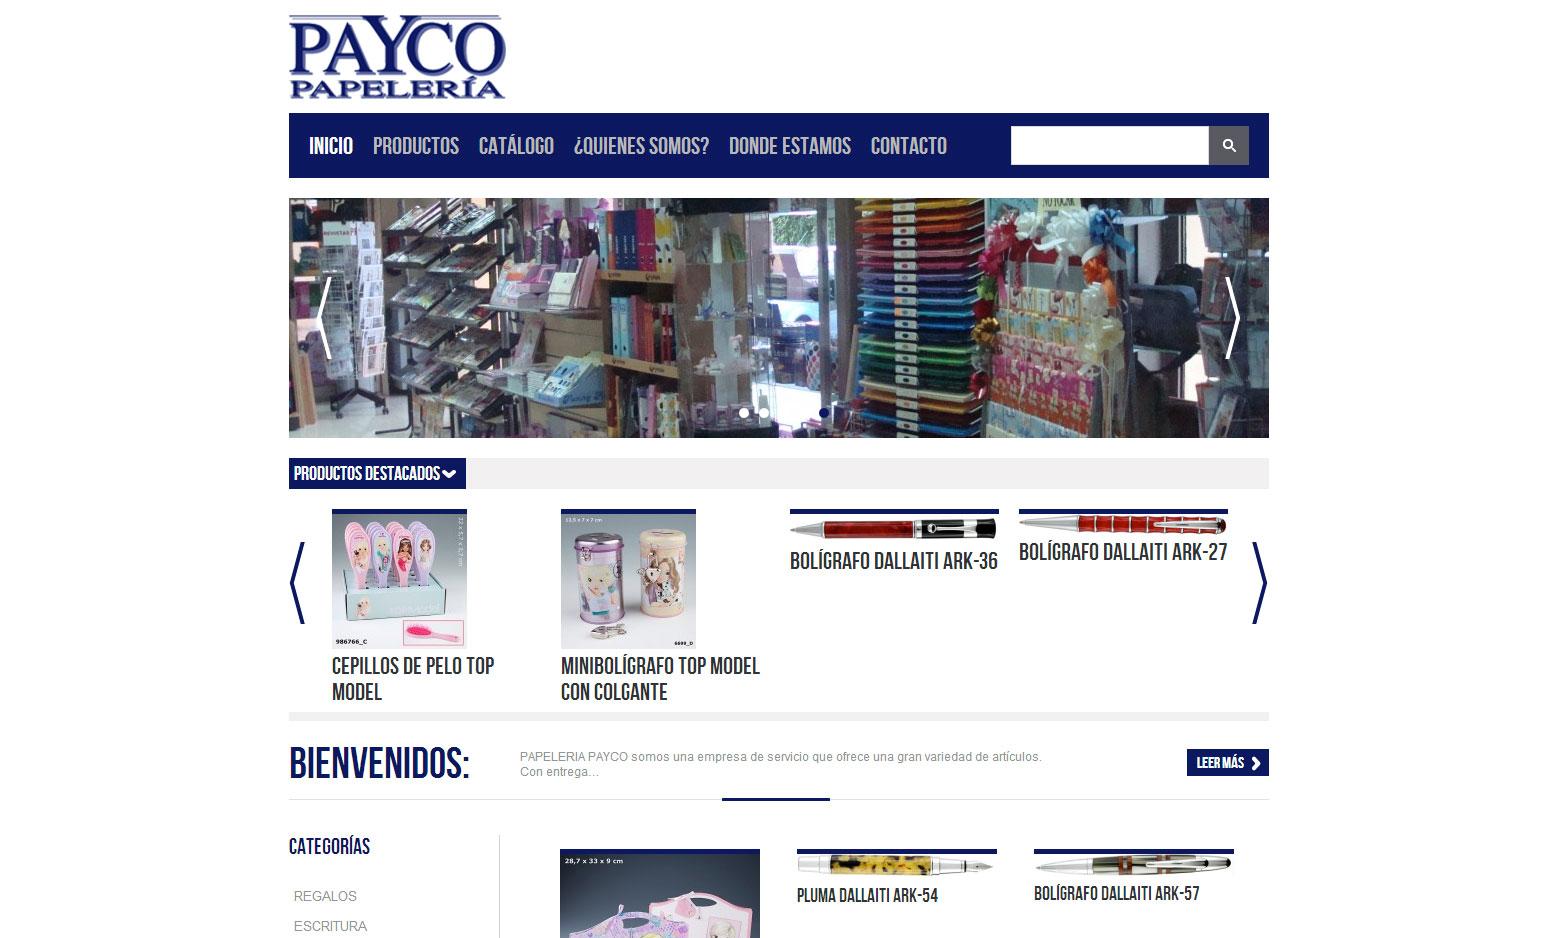 Criação do Site Payco Papeleria